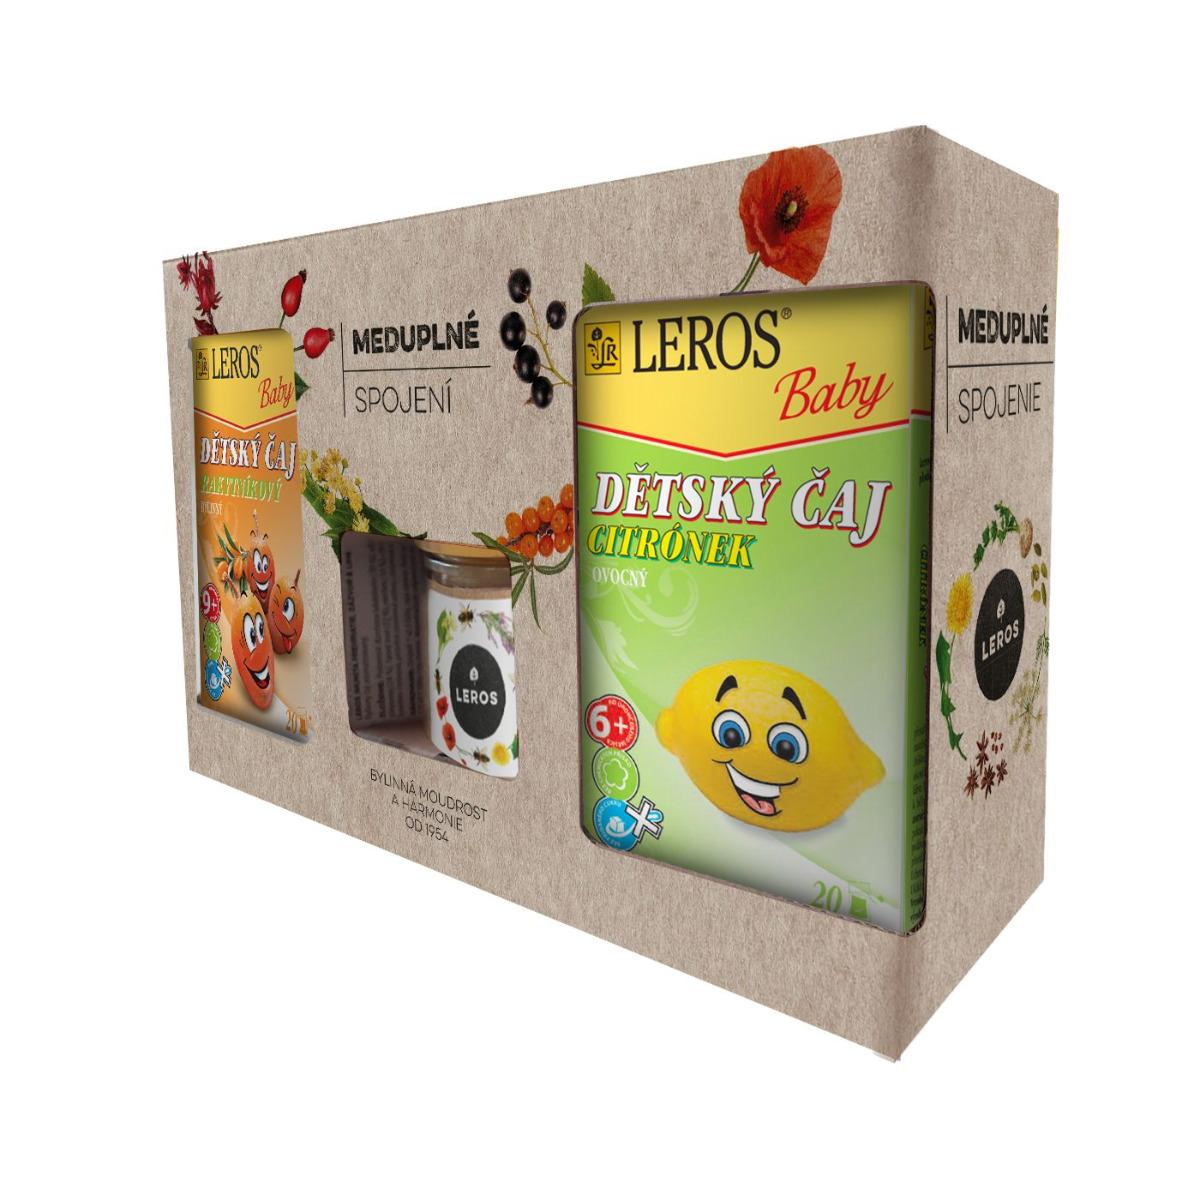 Leros Meduplné spojení dětský čaj 2x20ks + med 200 g